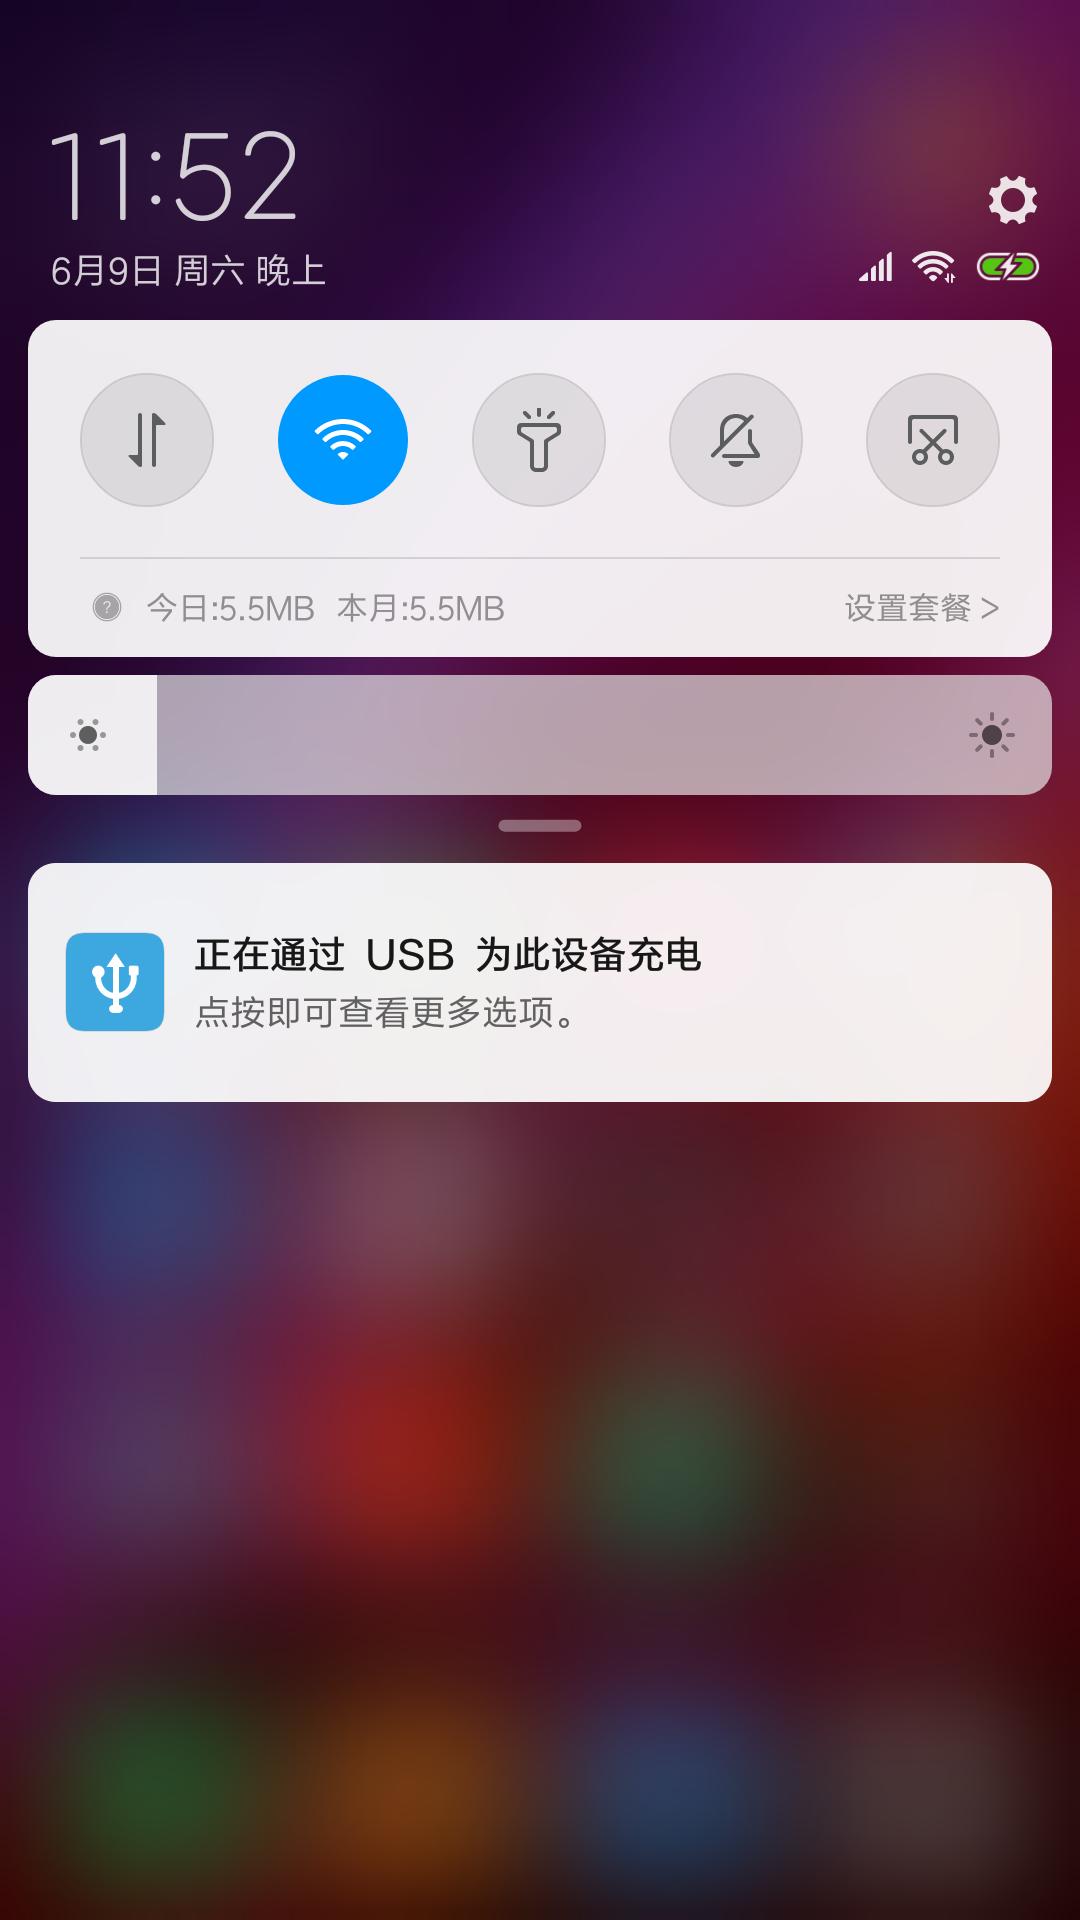 Screenshot_2018-06-09-23-52-14-813_com.miui.home.png